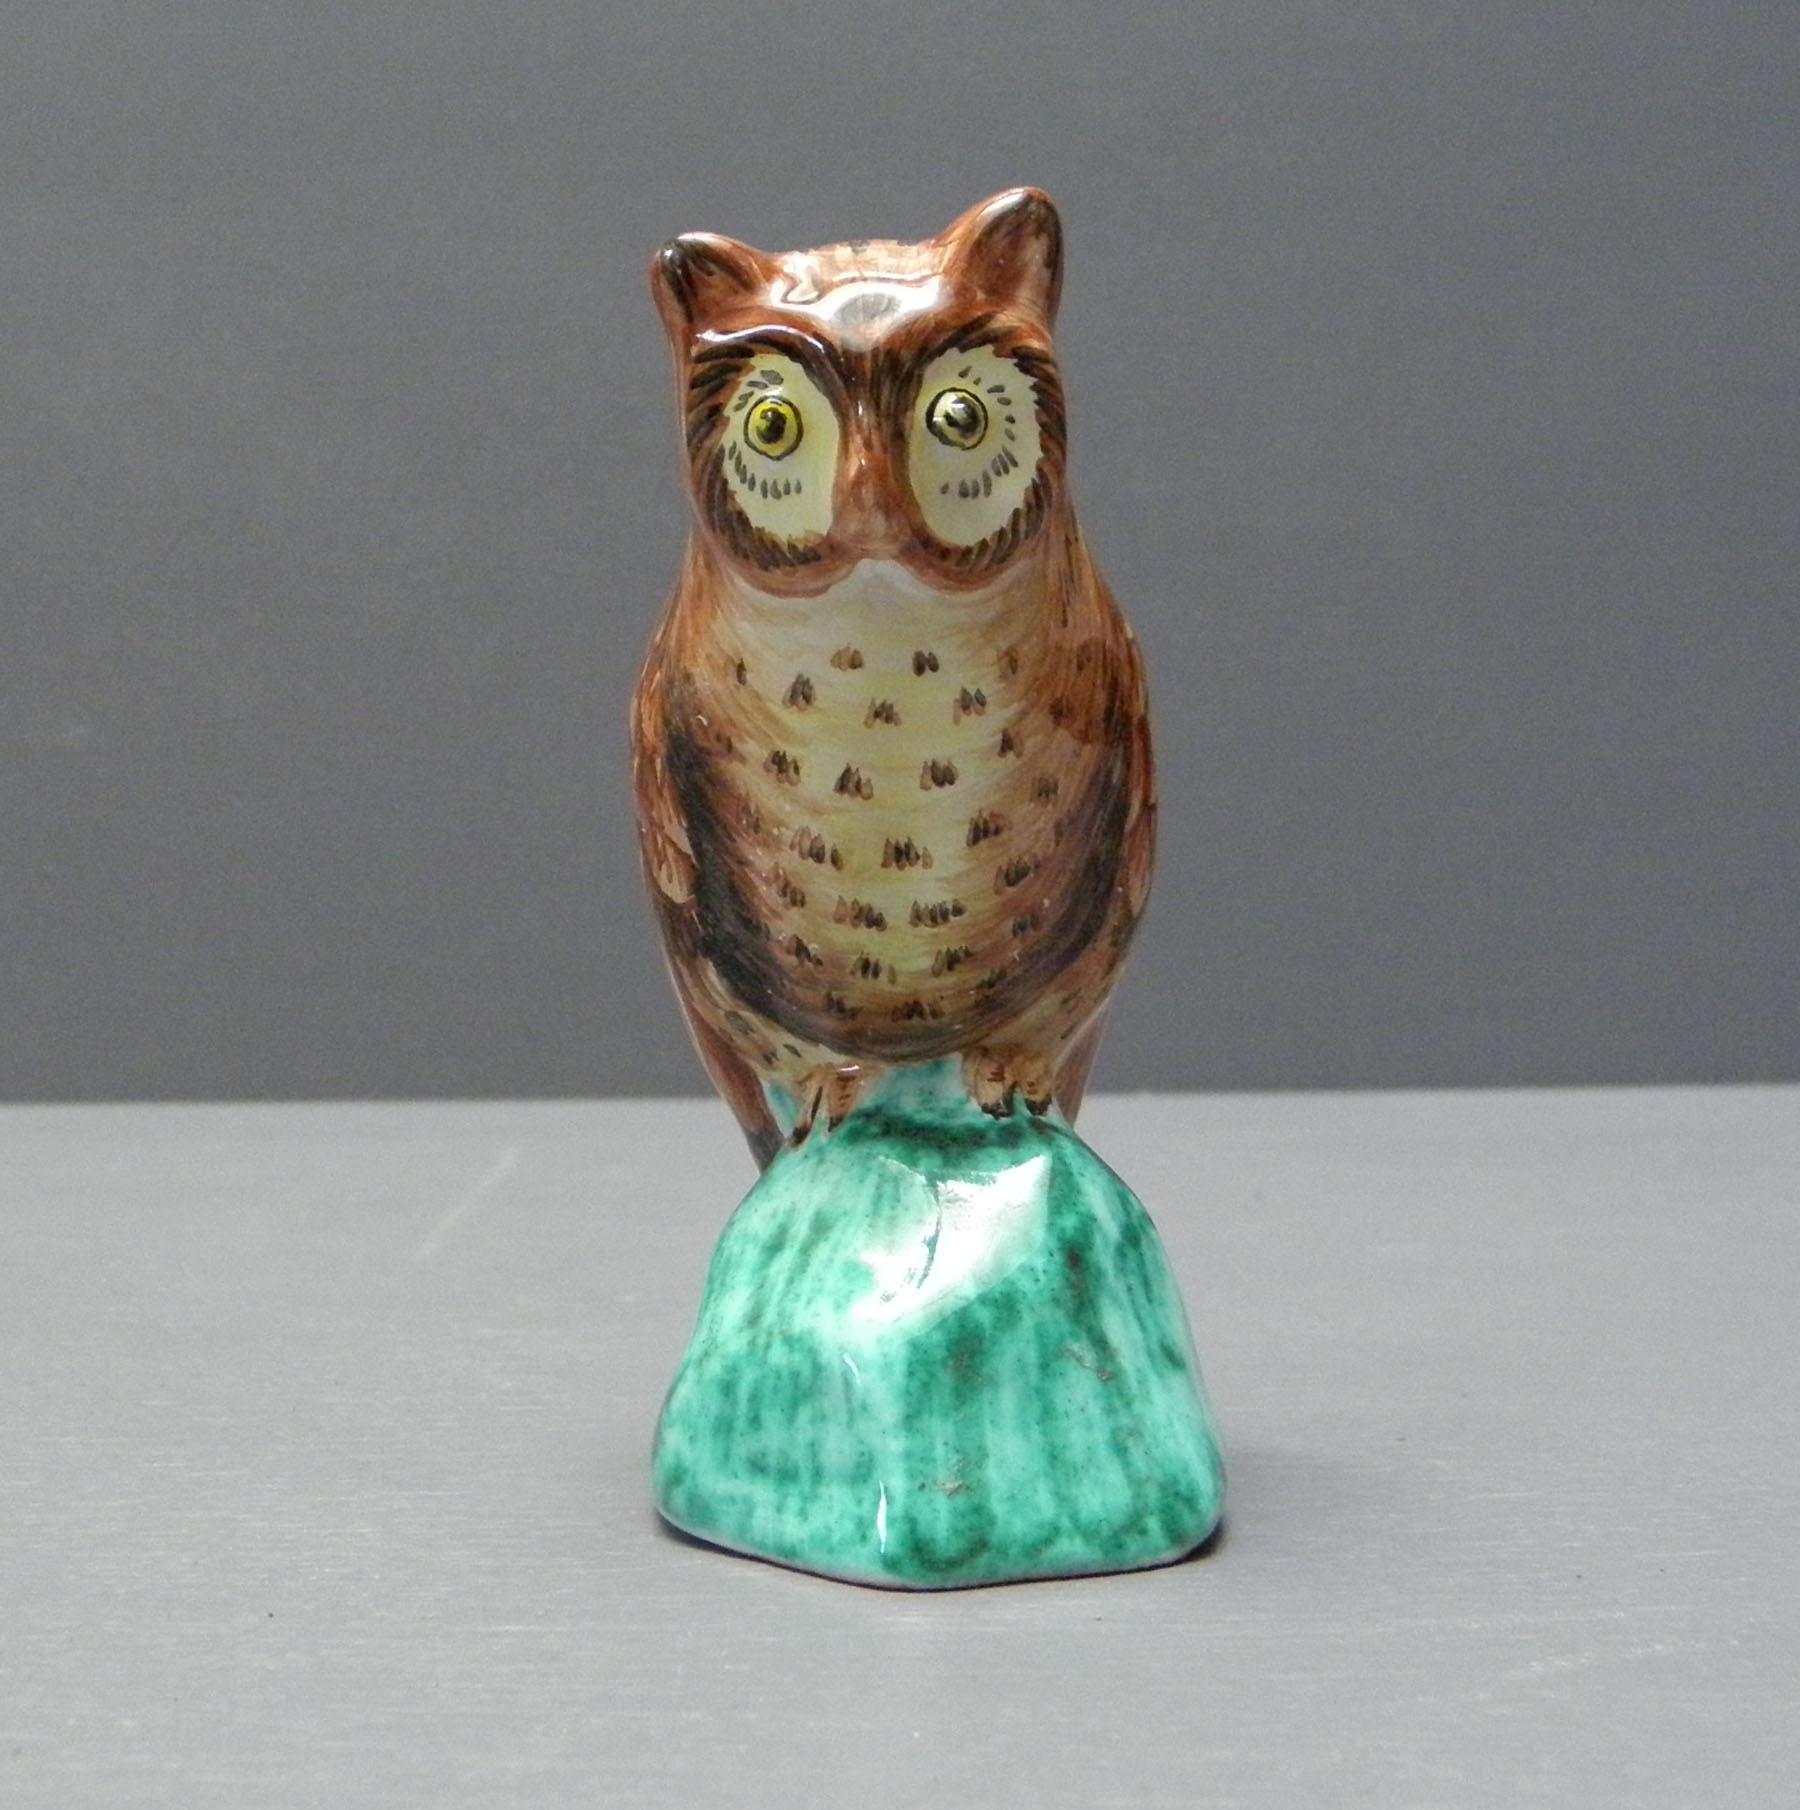 Chouette petit modèle - Faïenceries d'Art de Malicorne